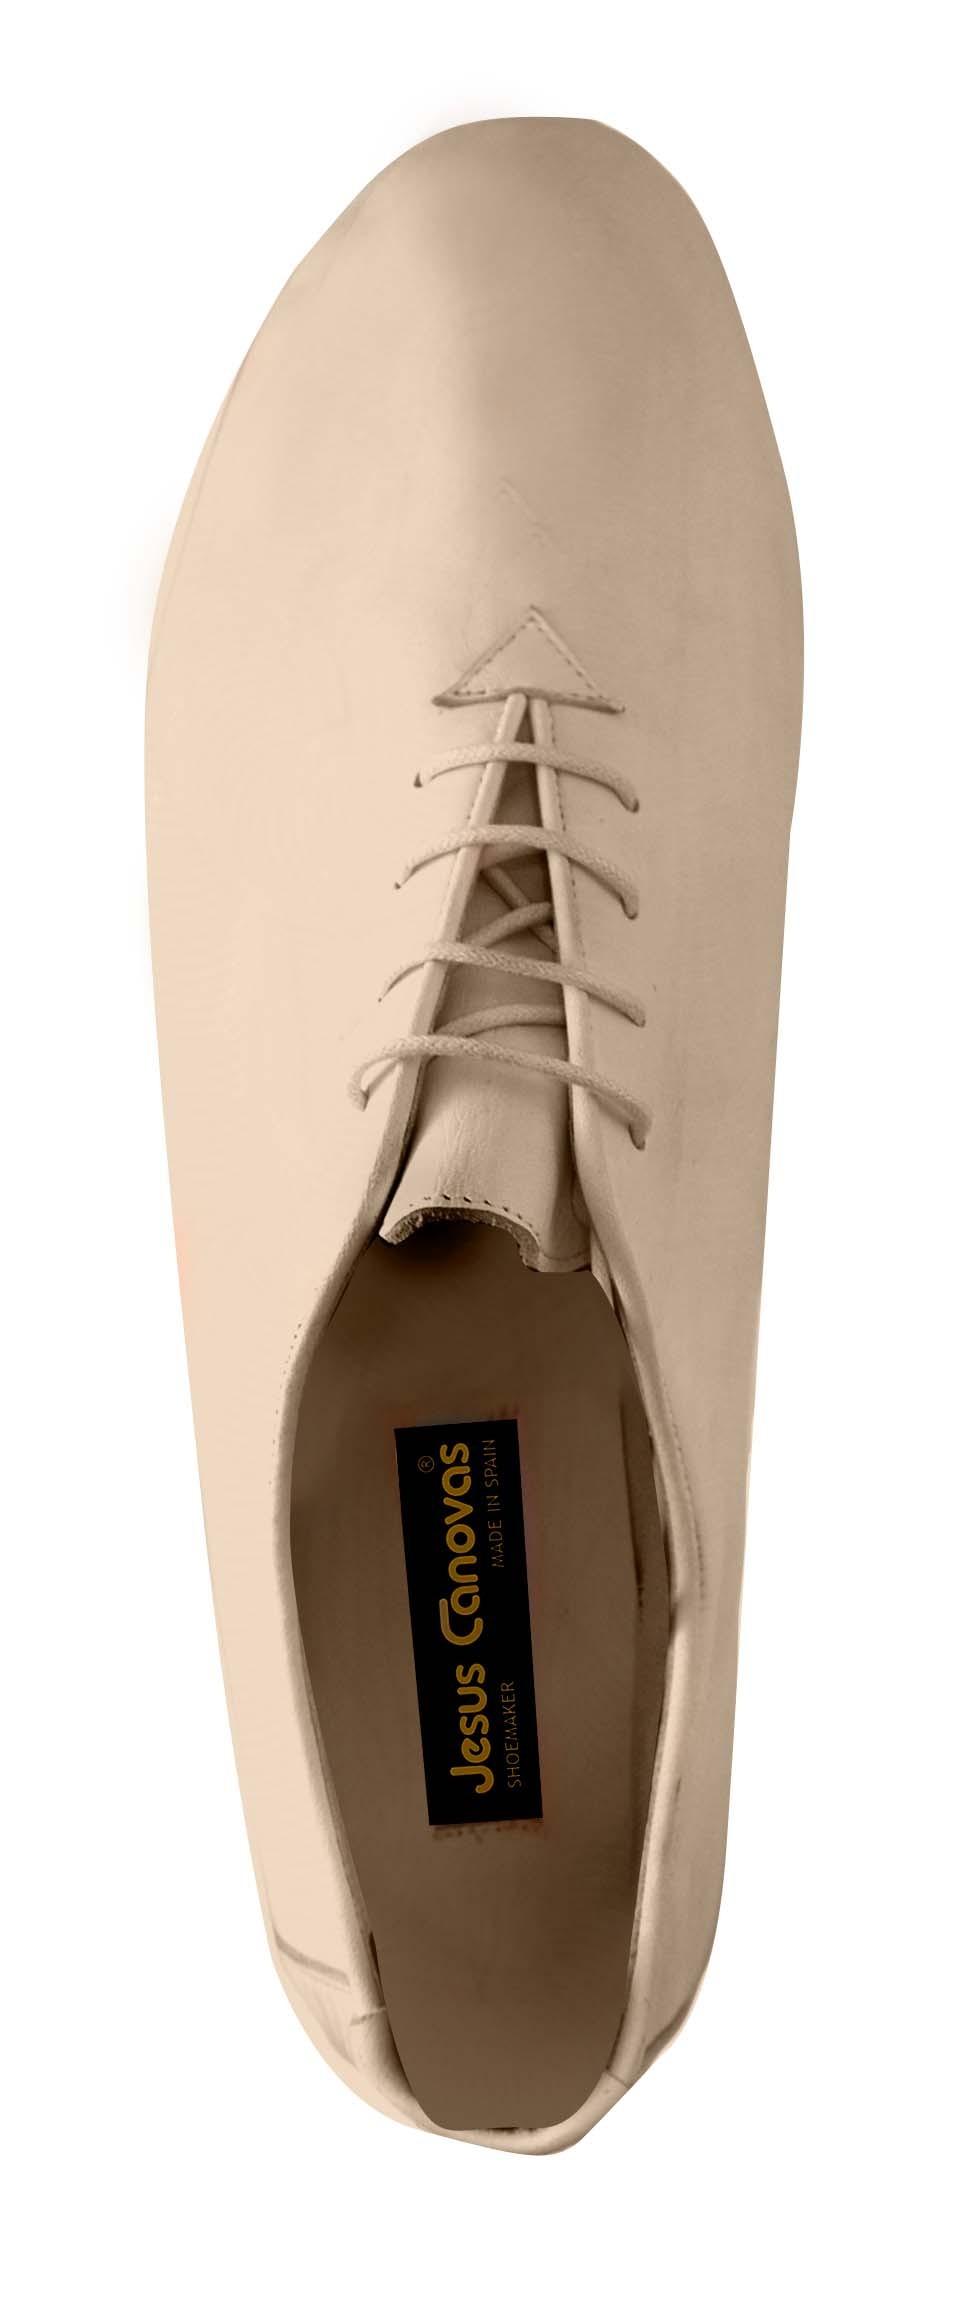 Foto 3 de Zapatos Julio Iglesias Cordon 529 JC Deserto Napa